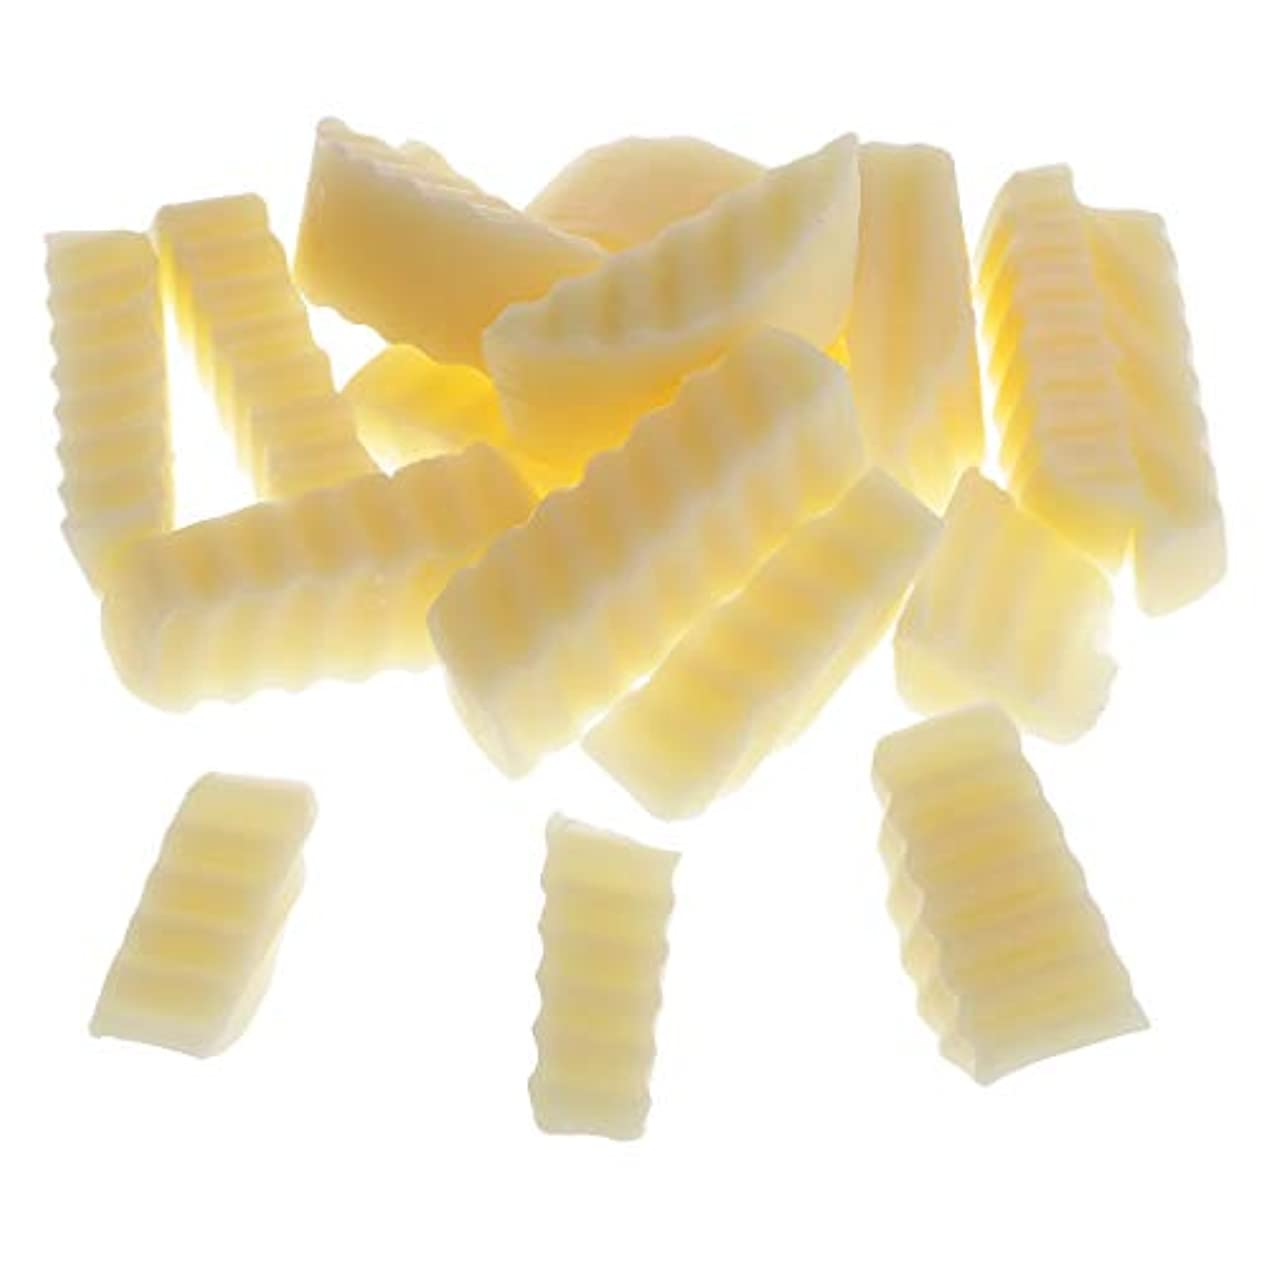 軽減する宣言するカポックラノリン石鹸 自然な素材 DIY手作り 石鹸 固形せっけん 約250g /パック 高品質